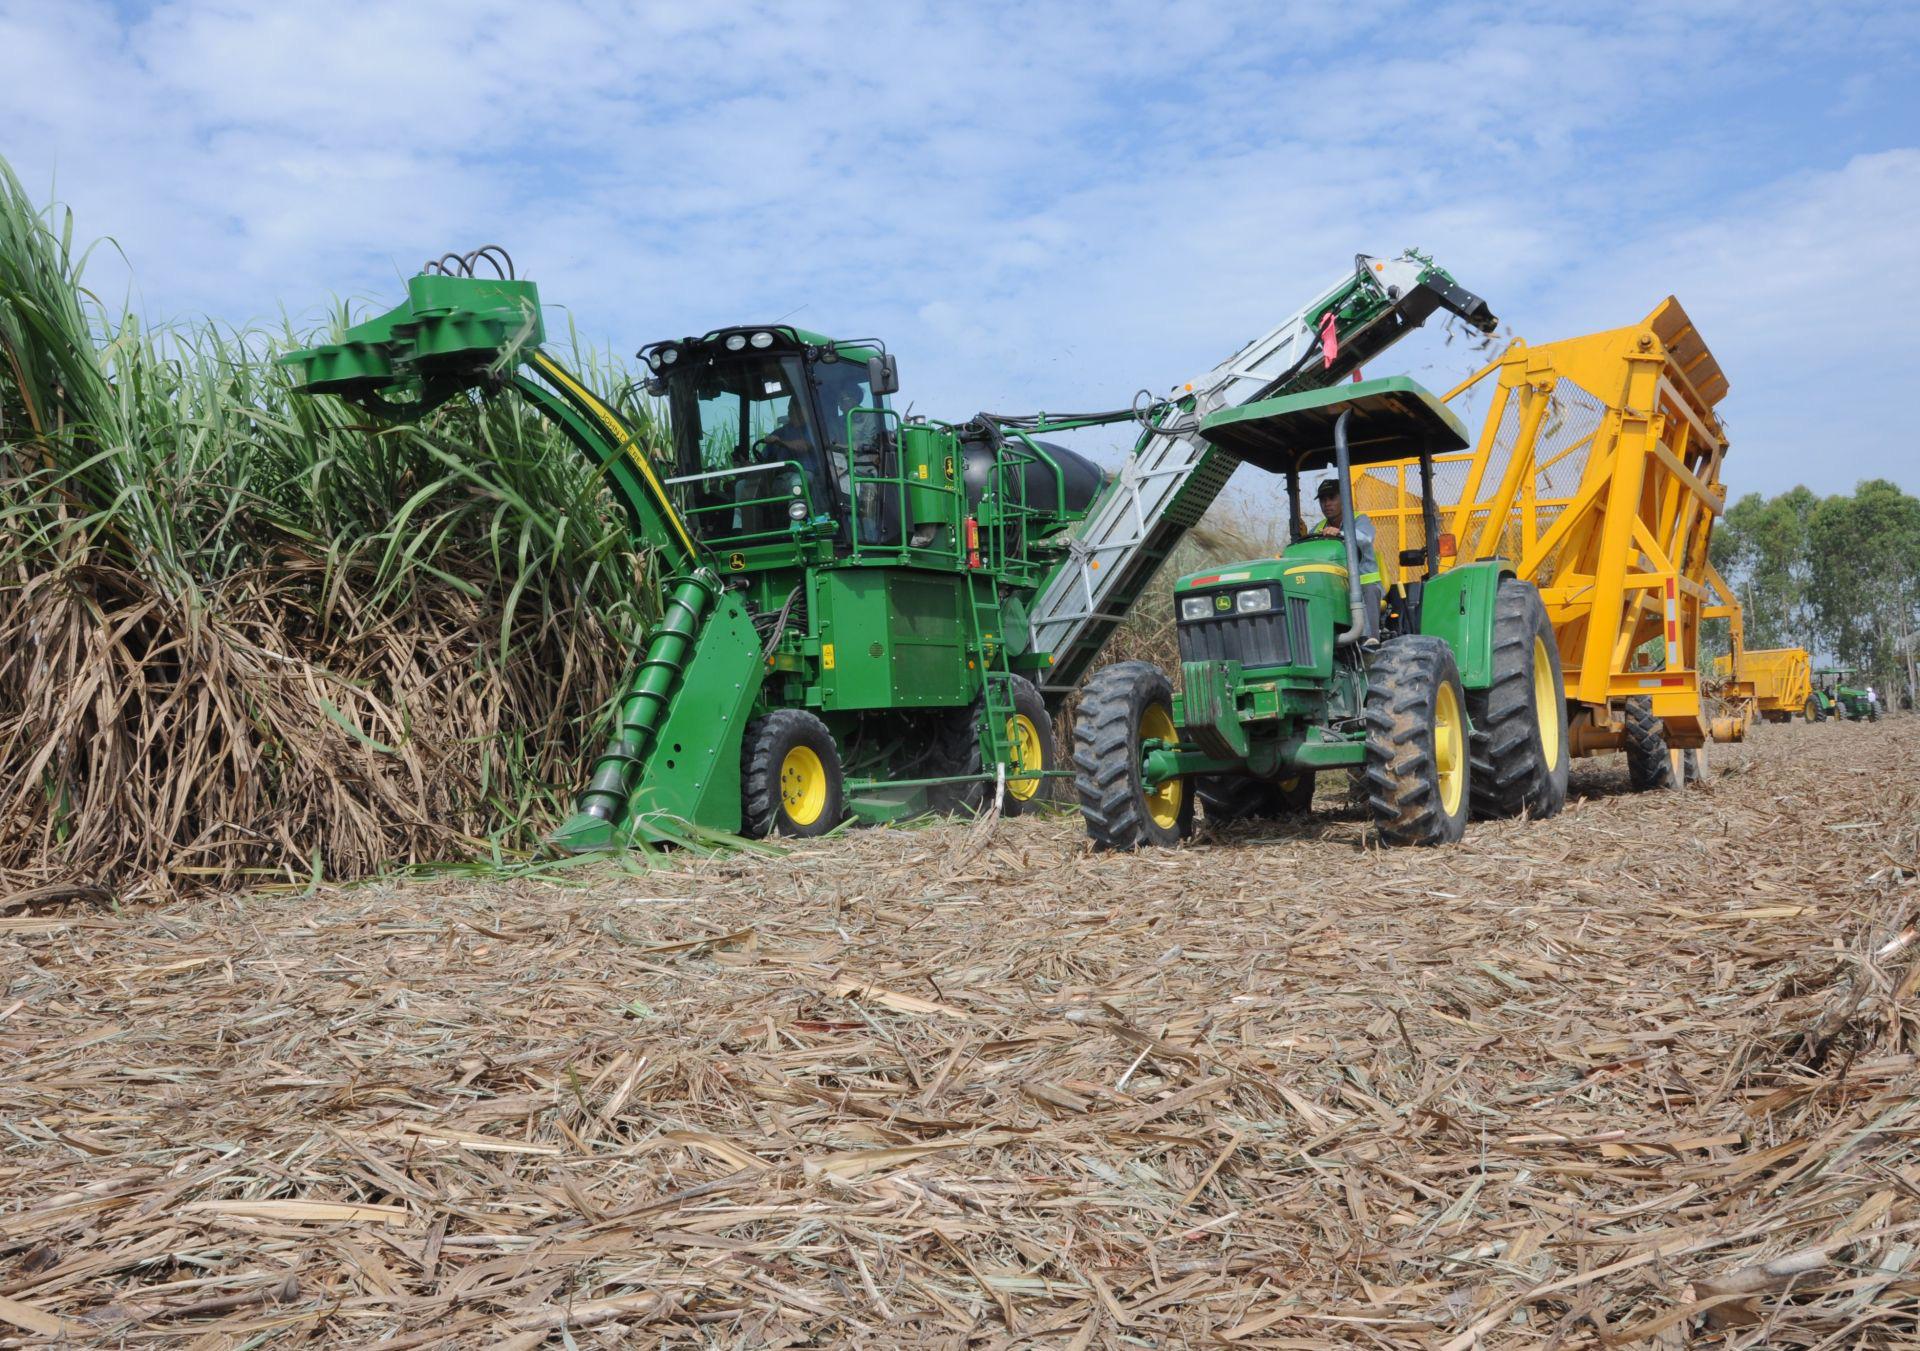 Nghịch lý ngành mía đường: Sản xuất 700.000 tấn, nhập khẩu 2 triệu tấn - Ảnh 3.